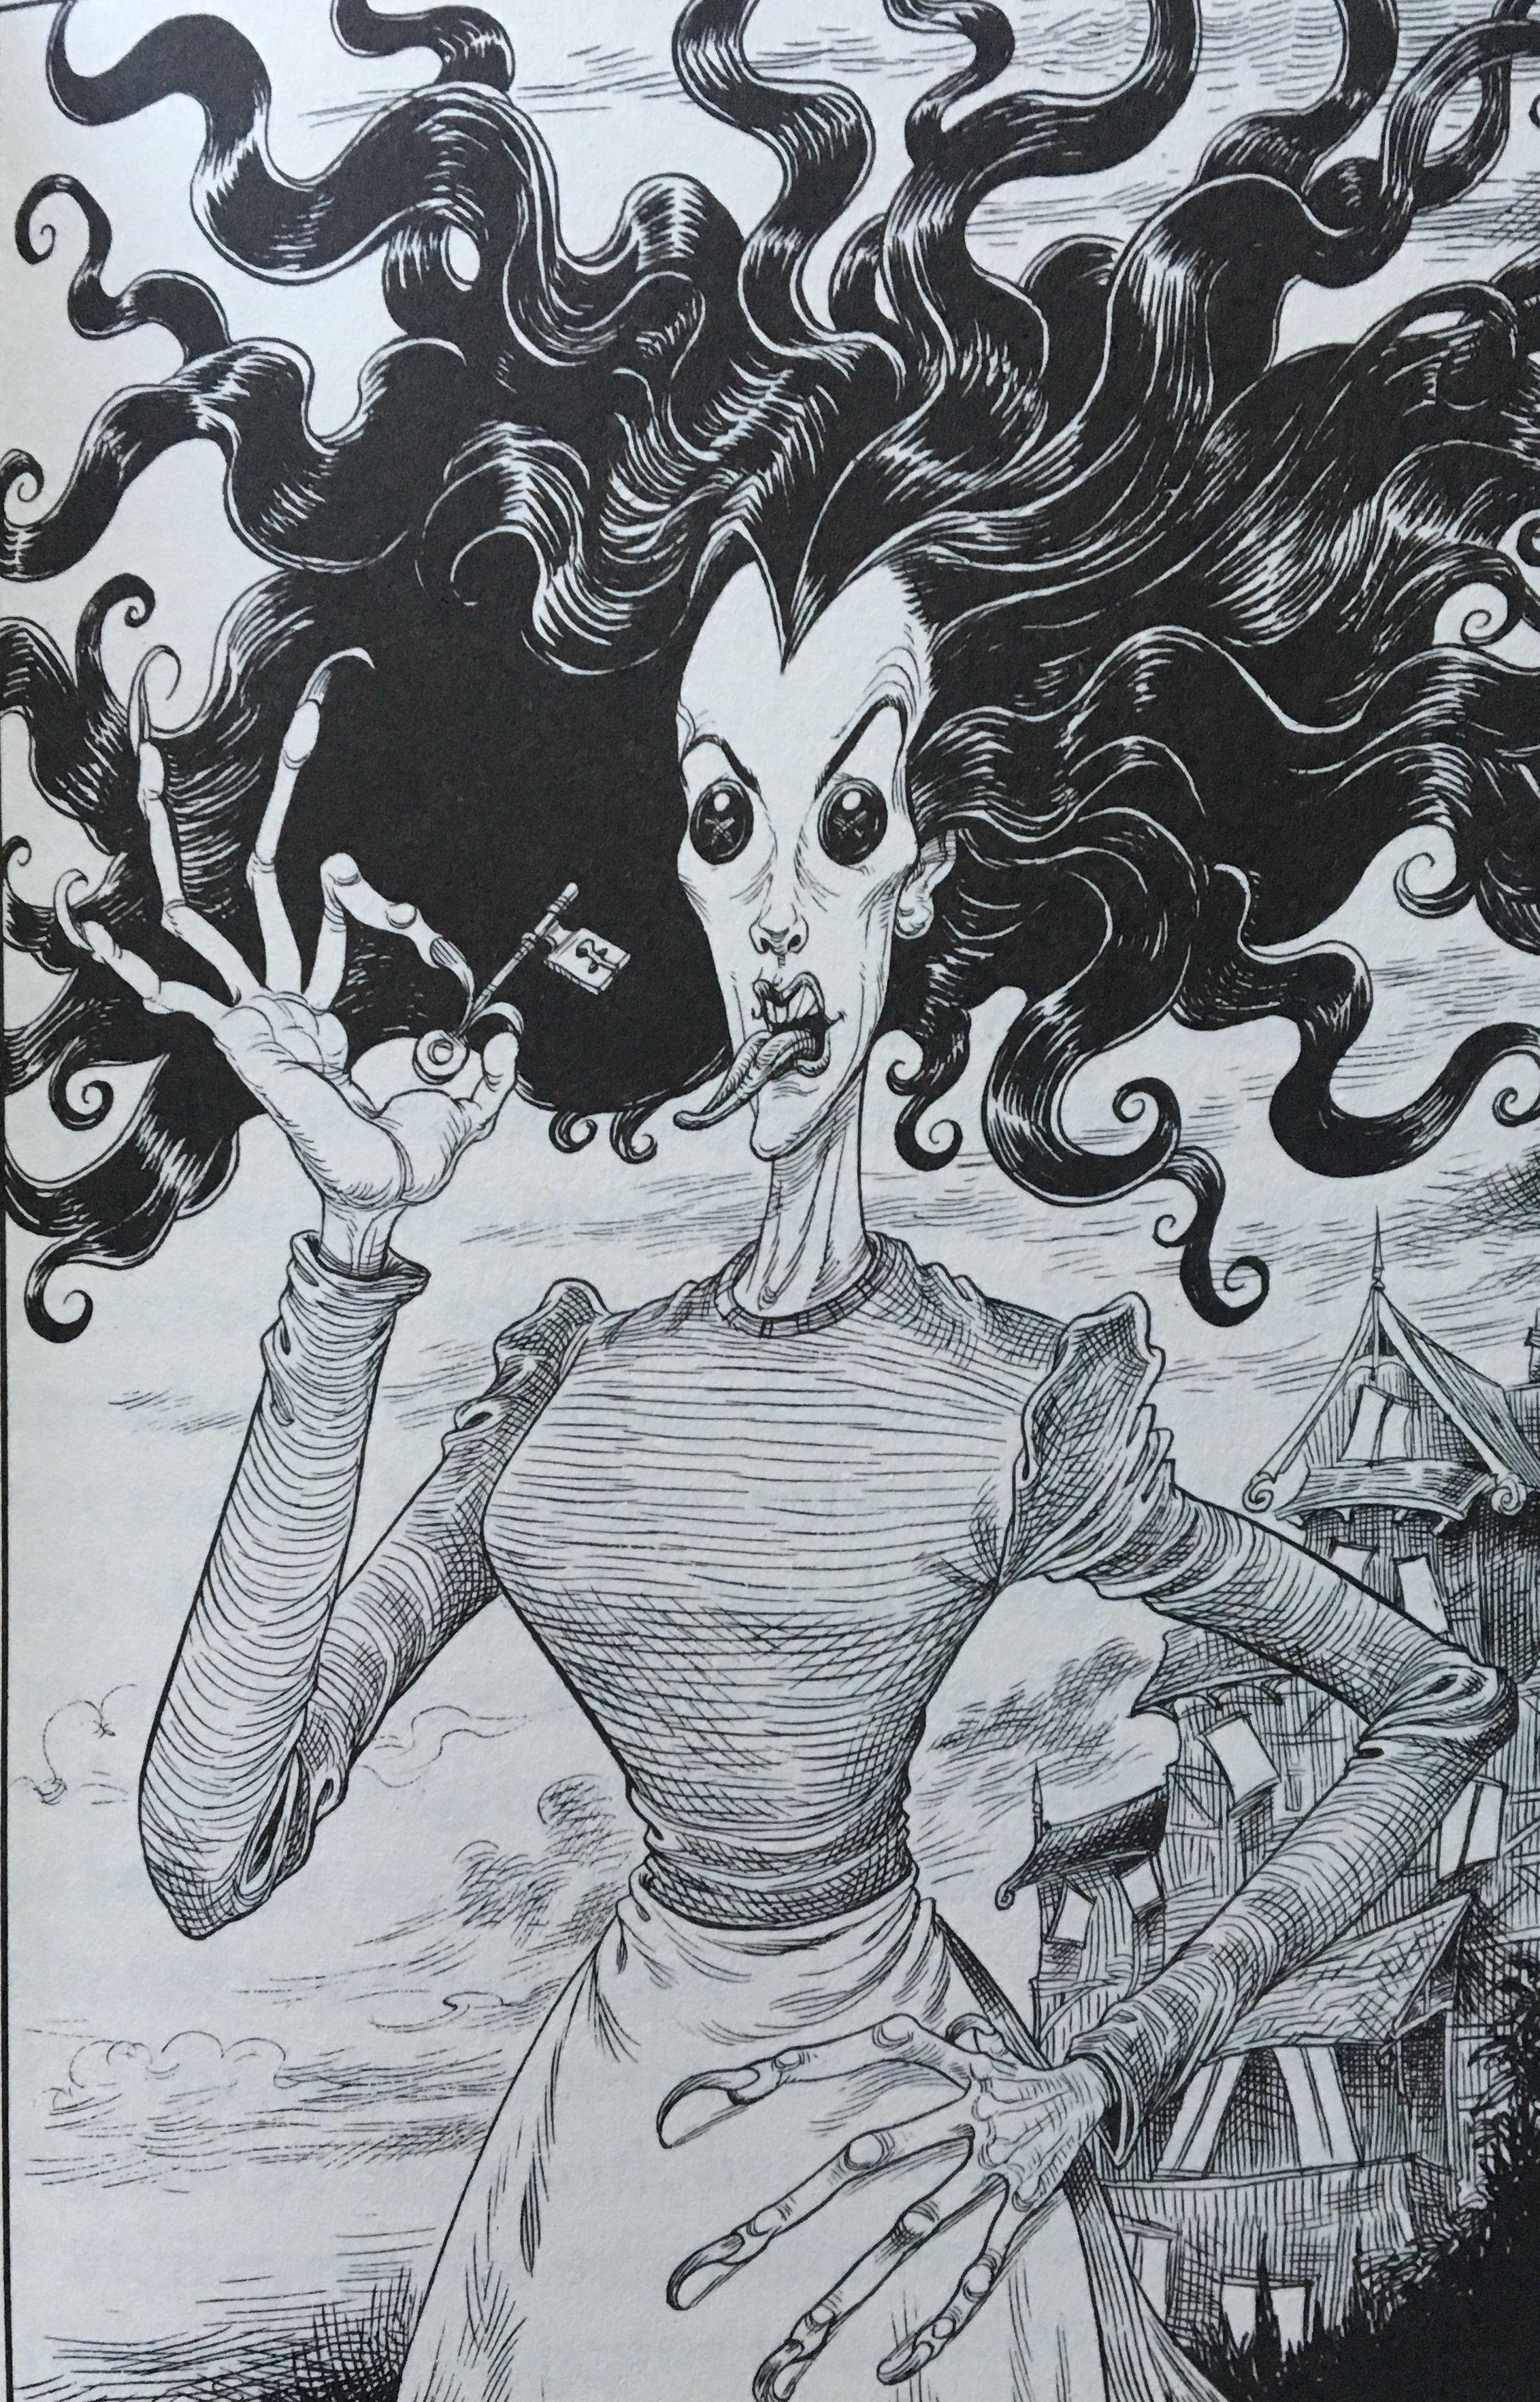 Chris Riddell Illustration From Neil Gaiman S Coraline Illustration Book Art Illustration Coraline Book